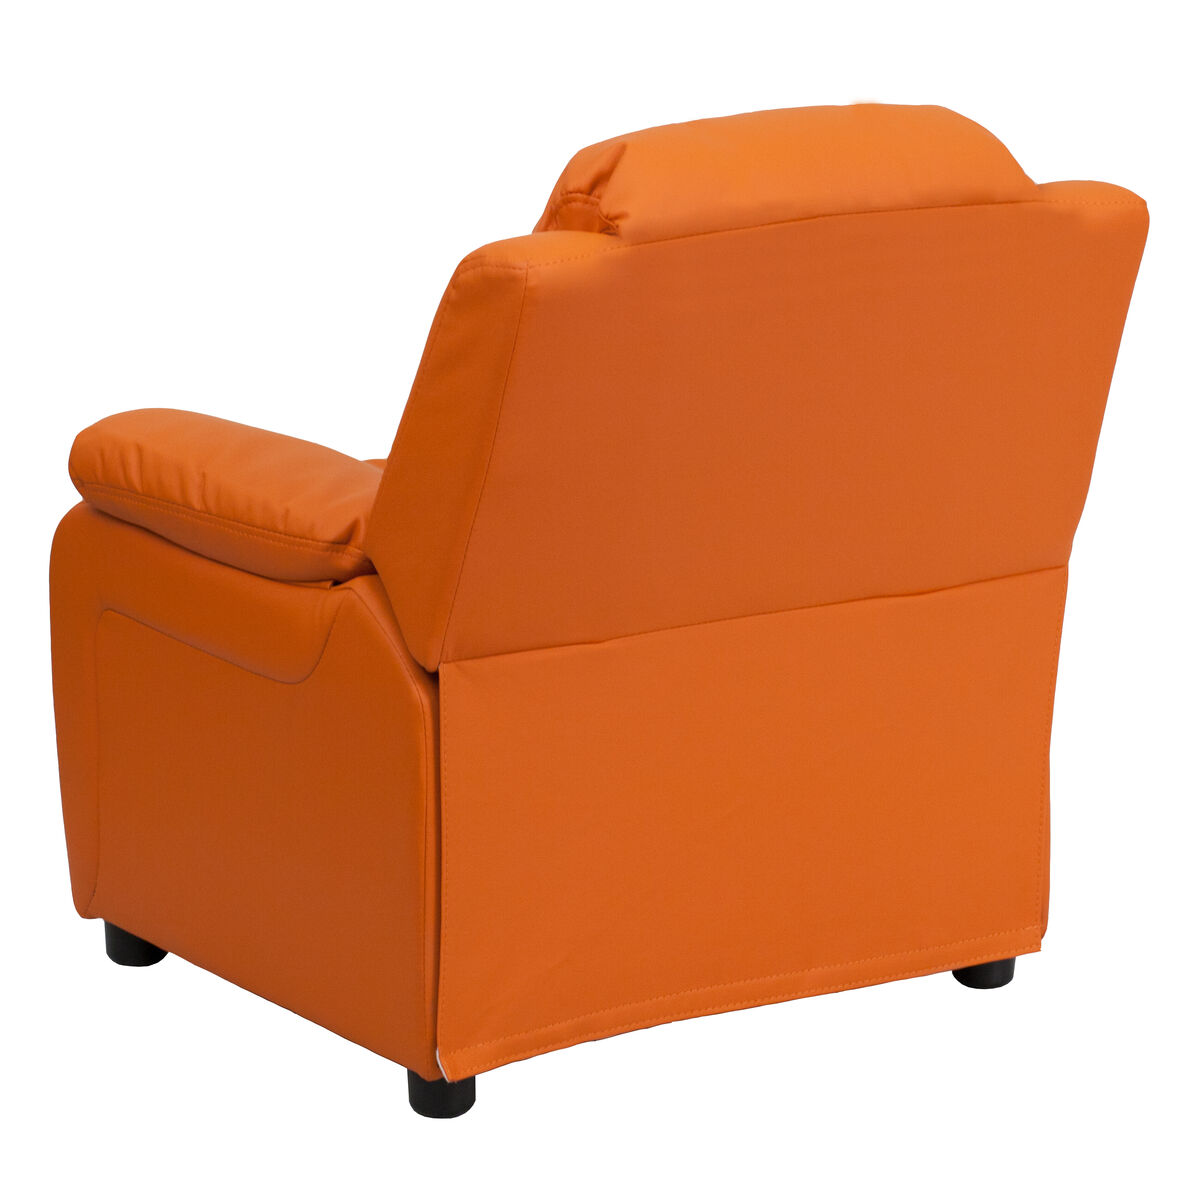 Flash Furniture Bt 7985 Kid Orange Gg